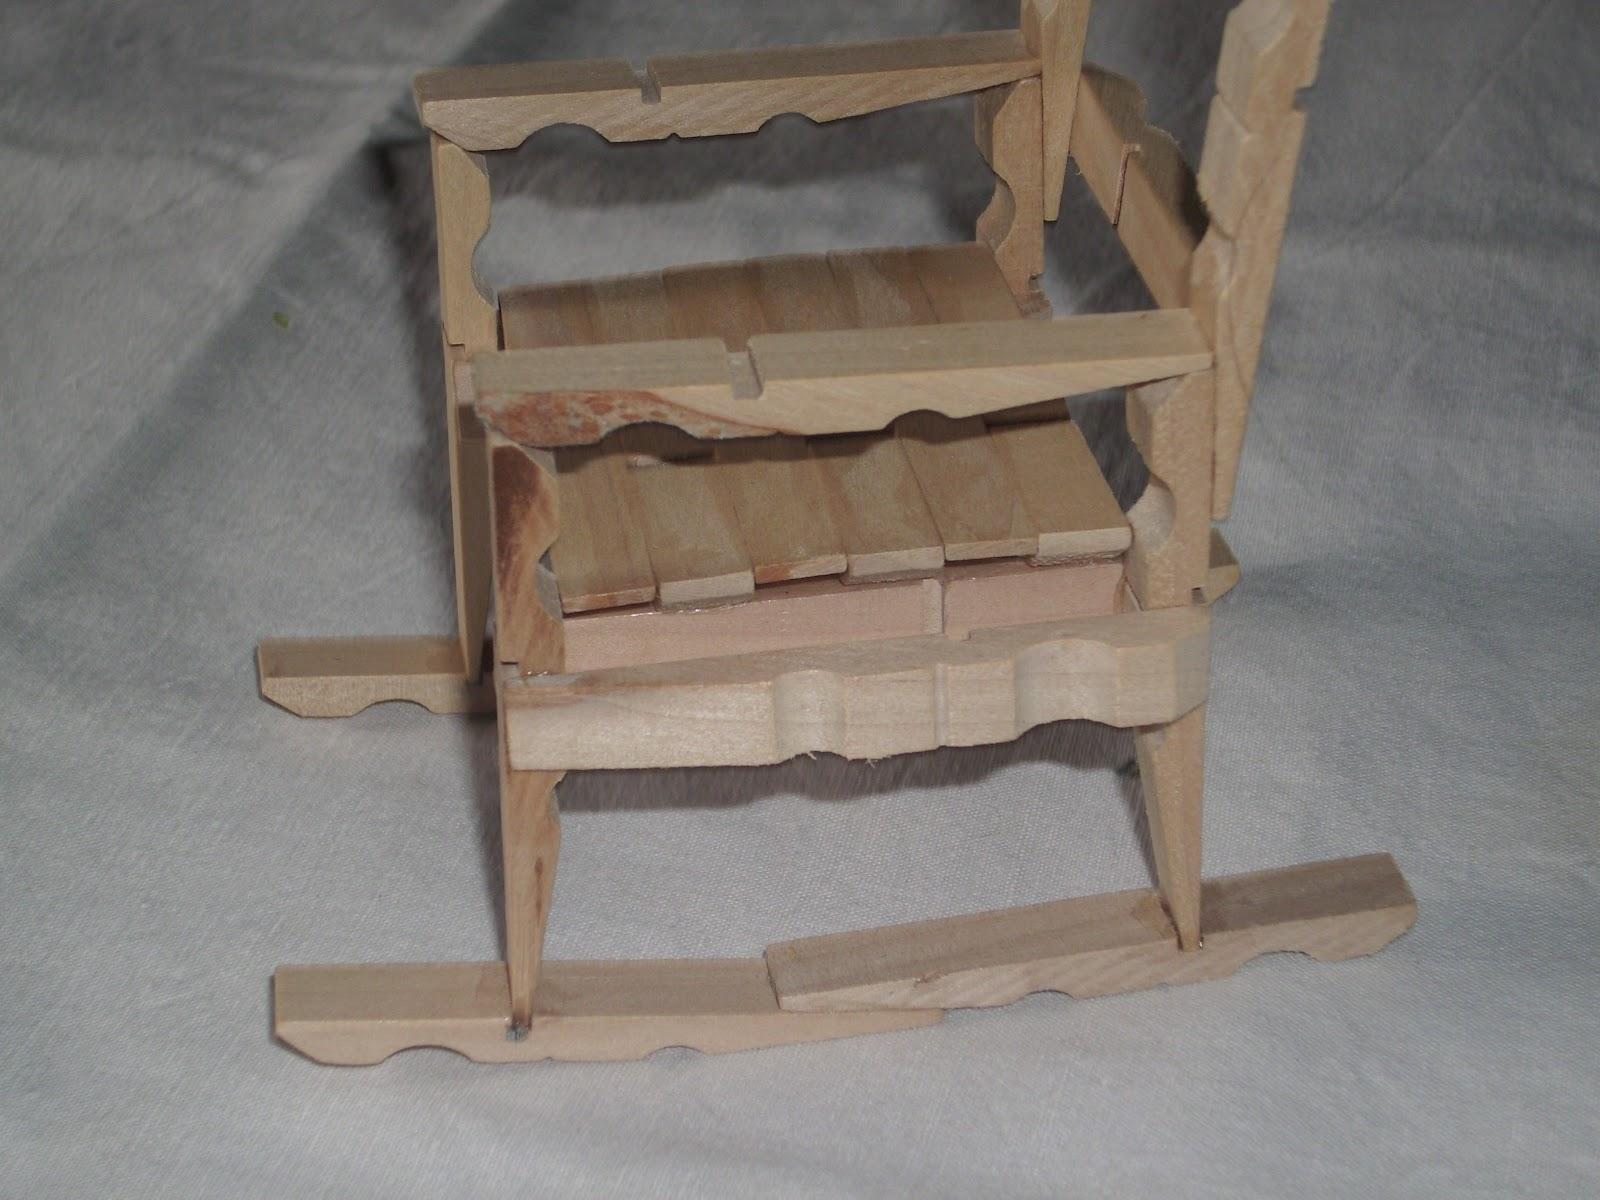 Cantinho da Iolanda: Cadeiras em molas de madeira #79614E 1600x1200